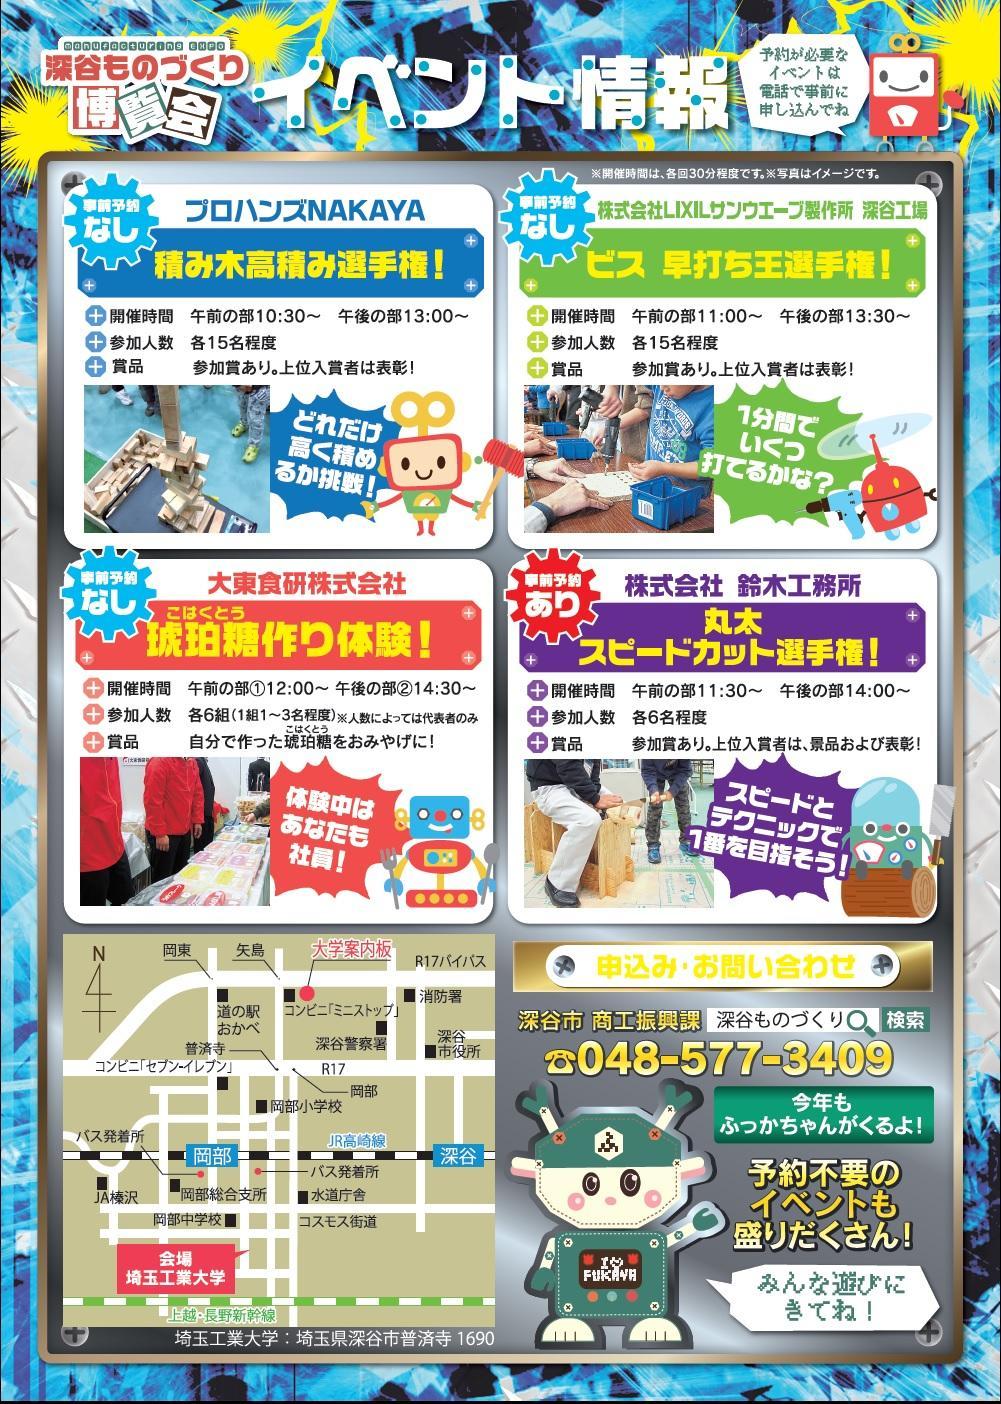 第3回深谷ものづくり博覧会(うら).jpg